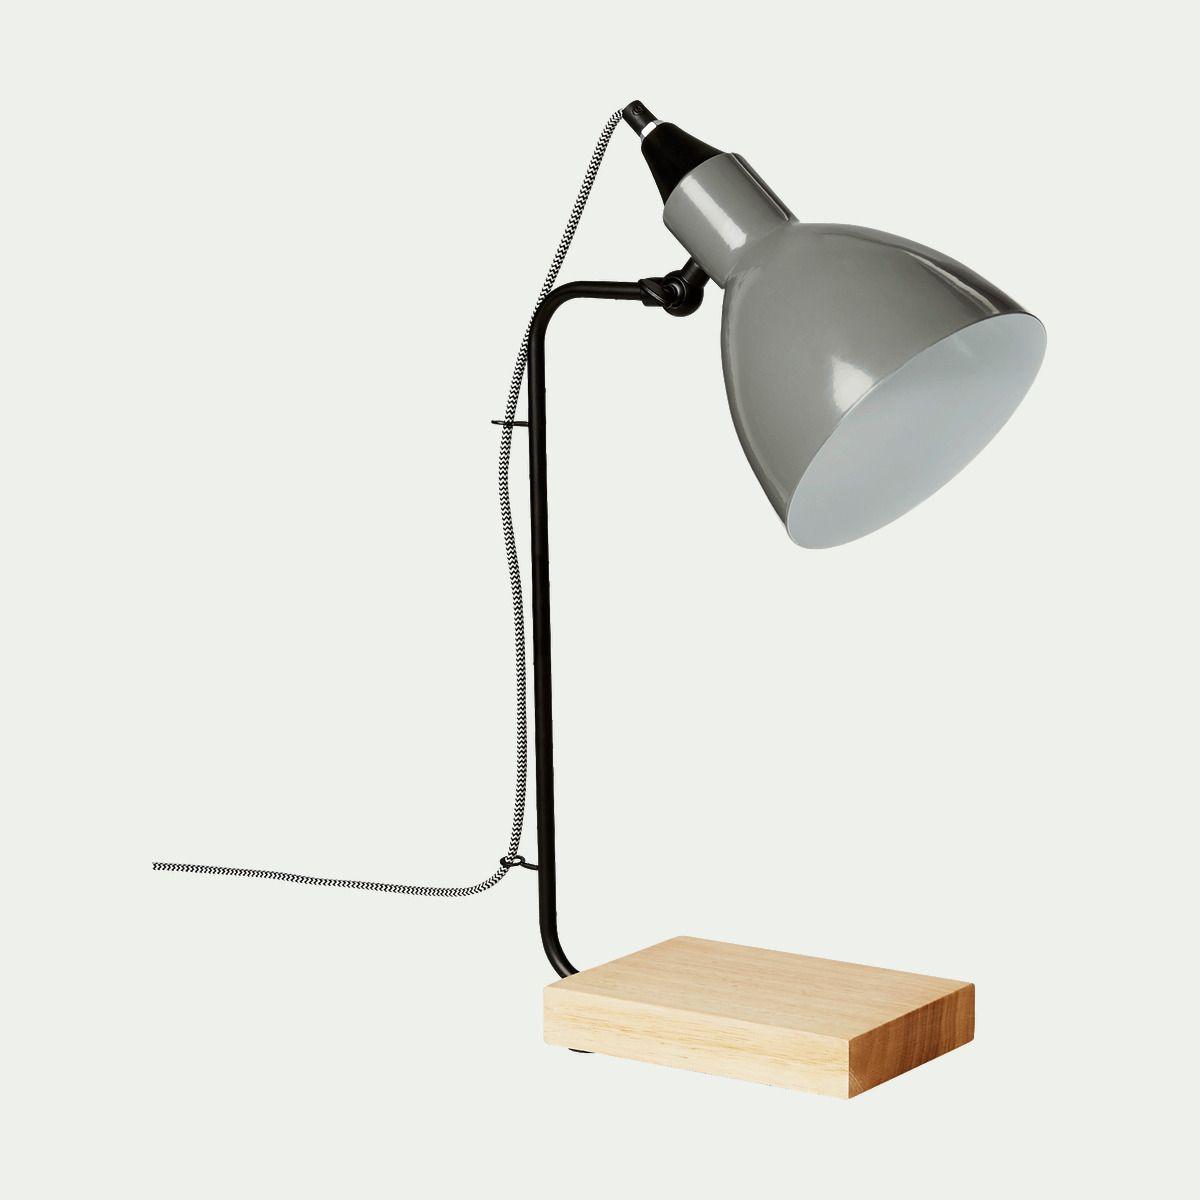 Bois Et Lampe De 2019 H45cm Métal Bureau Gris Alinéa En I2DH9E